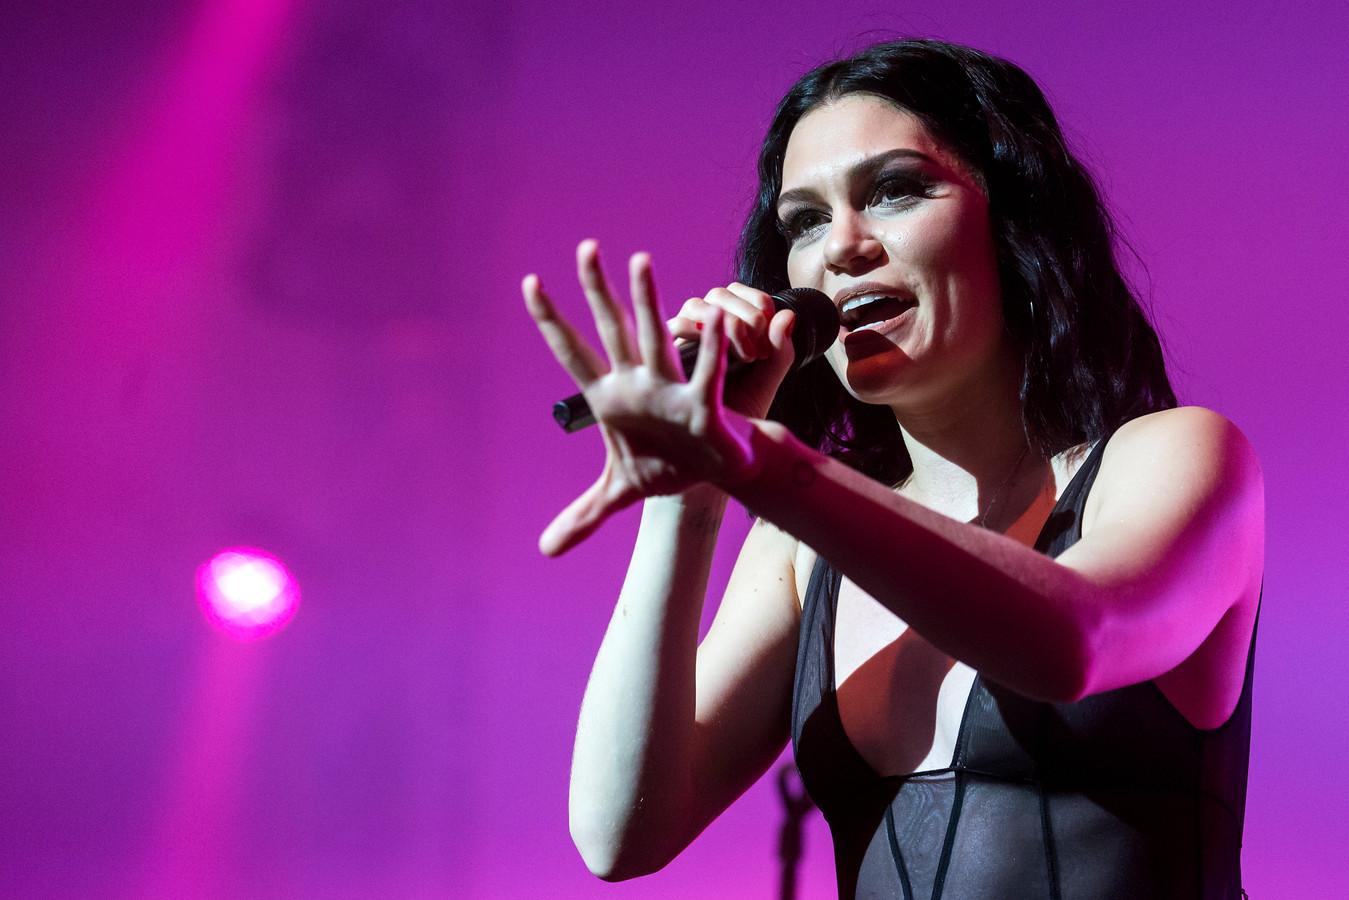 Jessie J en Channing Tatum hebben voor de zoveelste keer een punt achter hun relatie gezet. De zangeres zegt op Instagram dat ze single is.